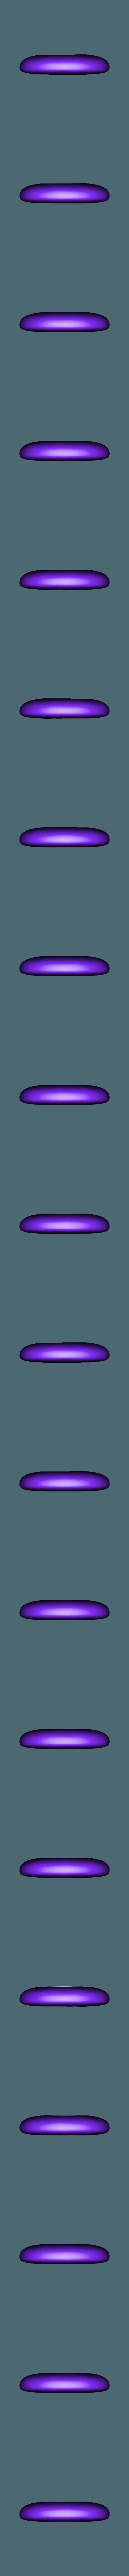 2-Base-Plate-Neck.stl Download free STL file Bath and Body Works - Candle Holder (10cm Ø) • 3D print design, crisonescu